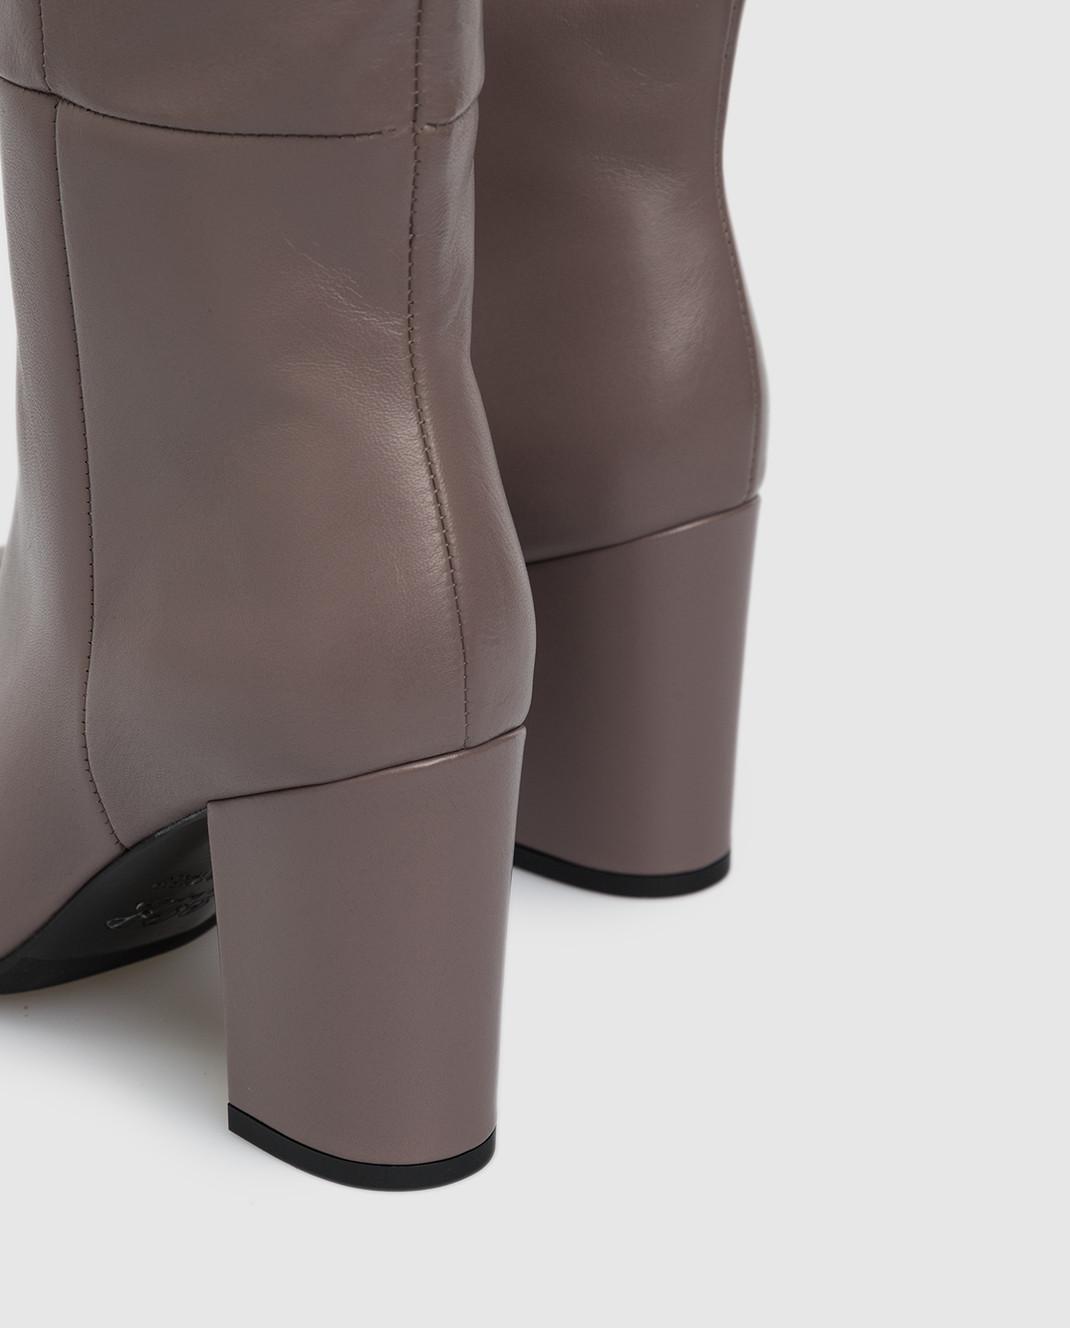 Babe Pay Pls Темно-бежевые кожаные сапоги изображение 5